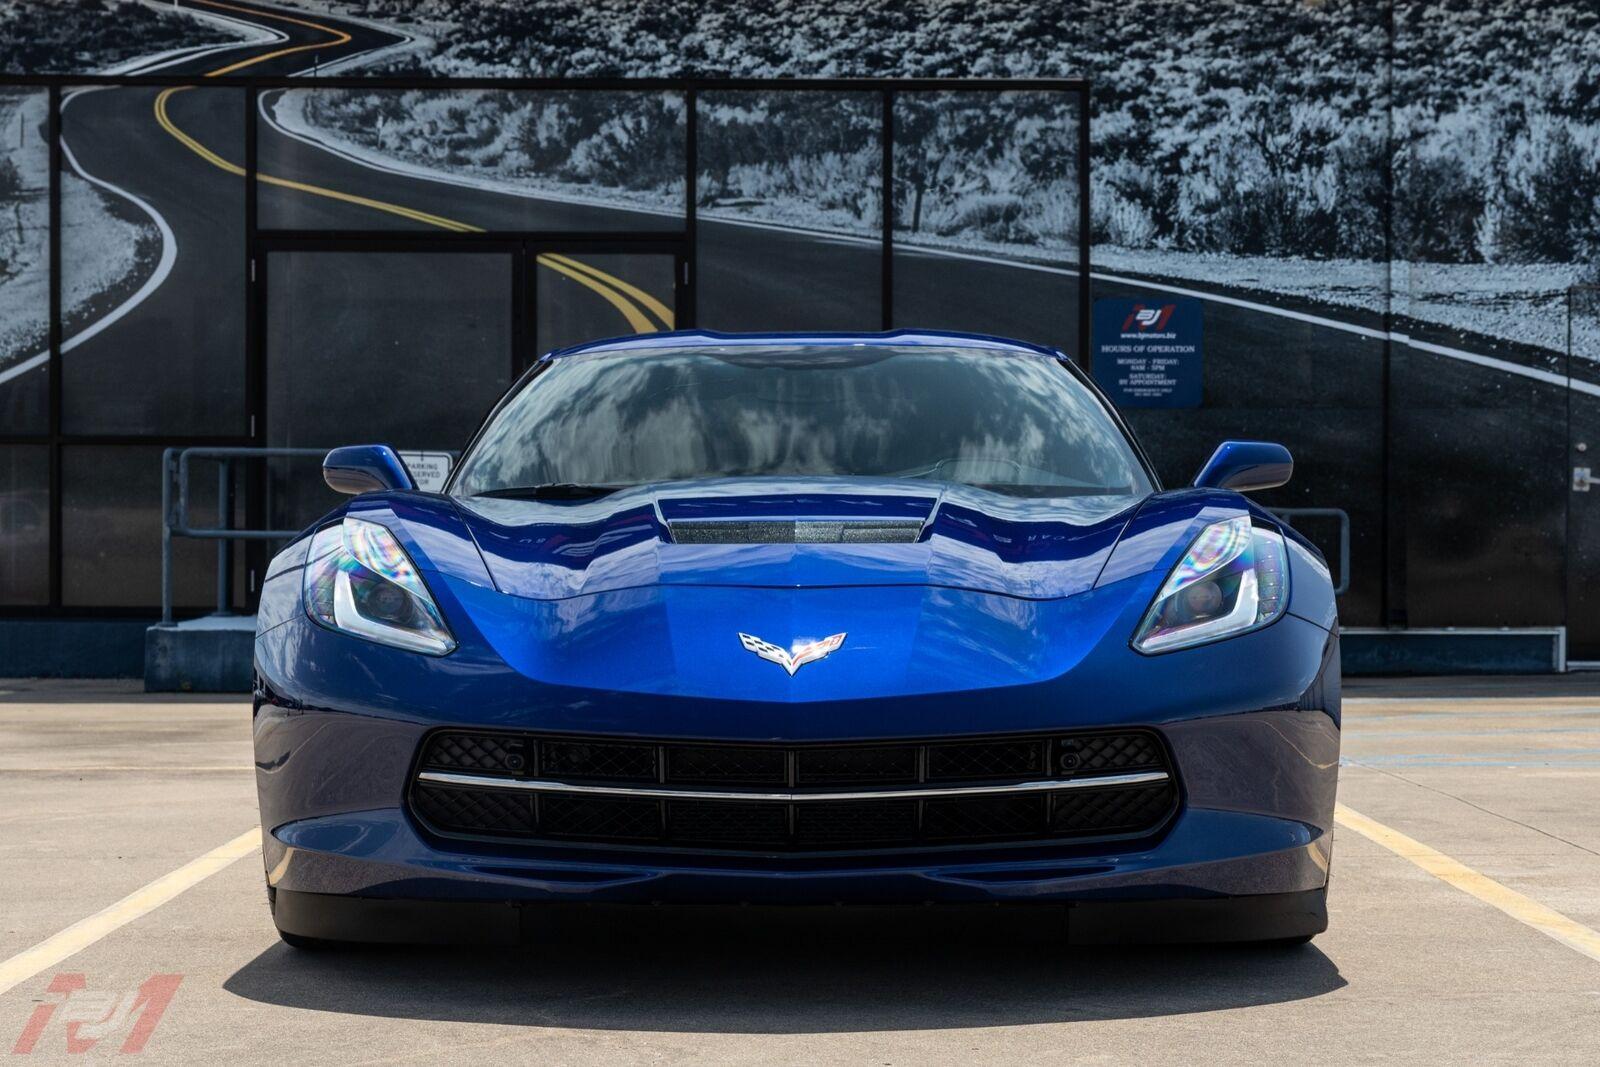 2017 Blue Chevrolet Corvette  2LT | C7 Corvette Photo 3